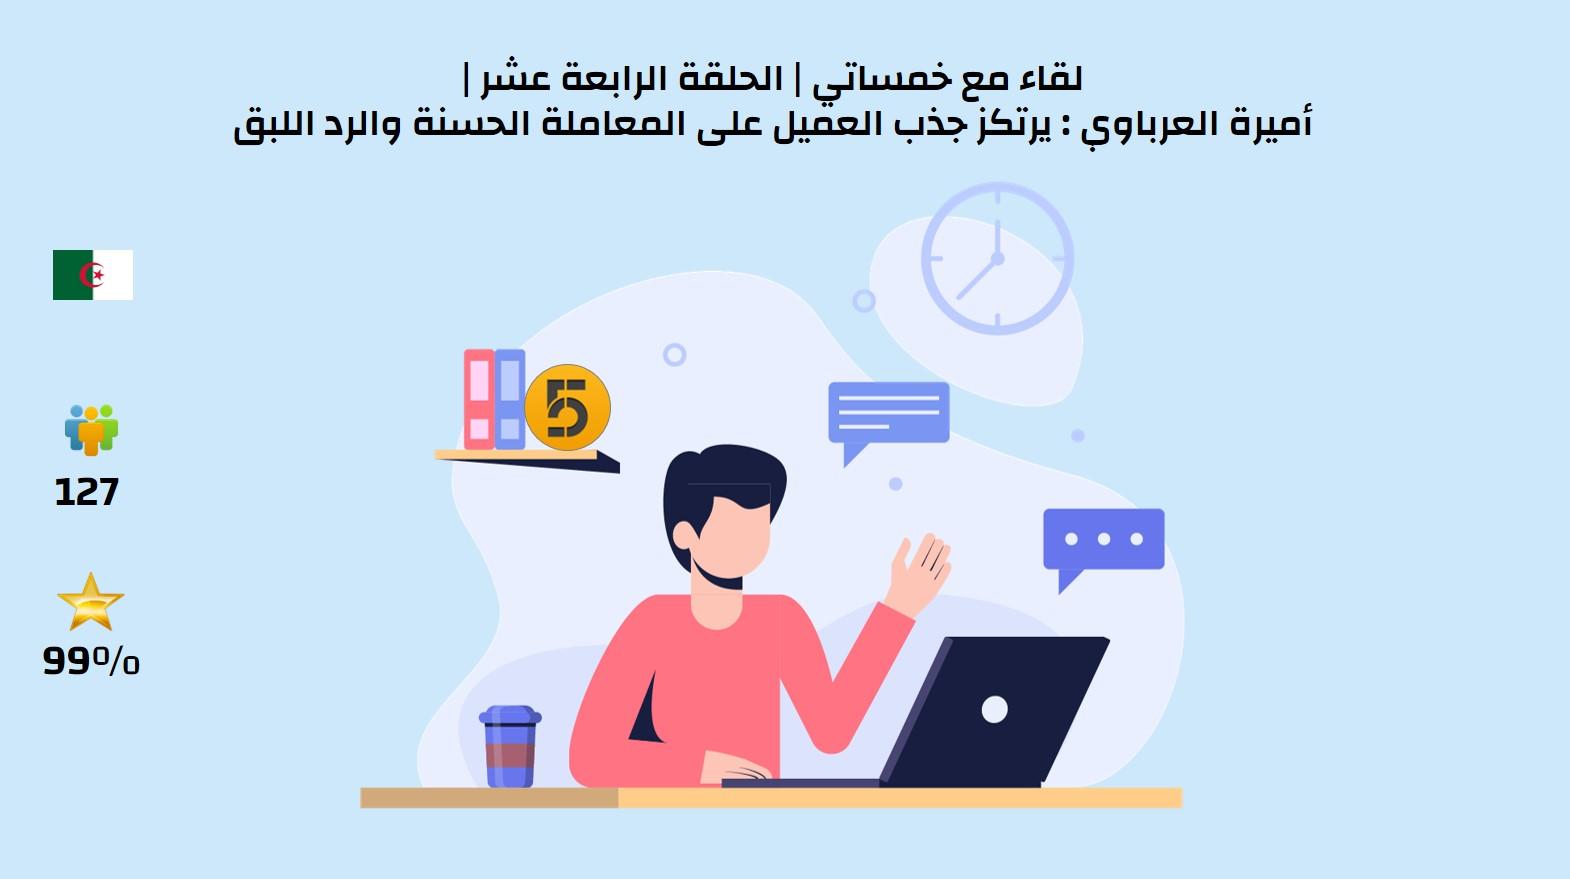 لقاء مع خمساتي الحلقة الرابعة عشر أميرة العرباوي يرتكز جذب العميل على المعاملة الحسنة والرد اللبق